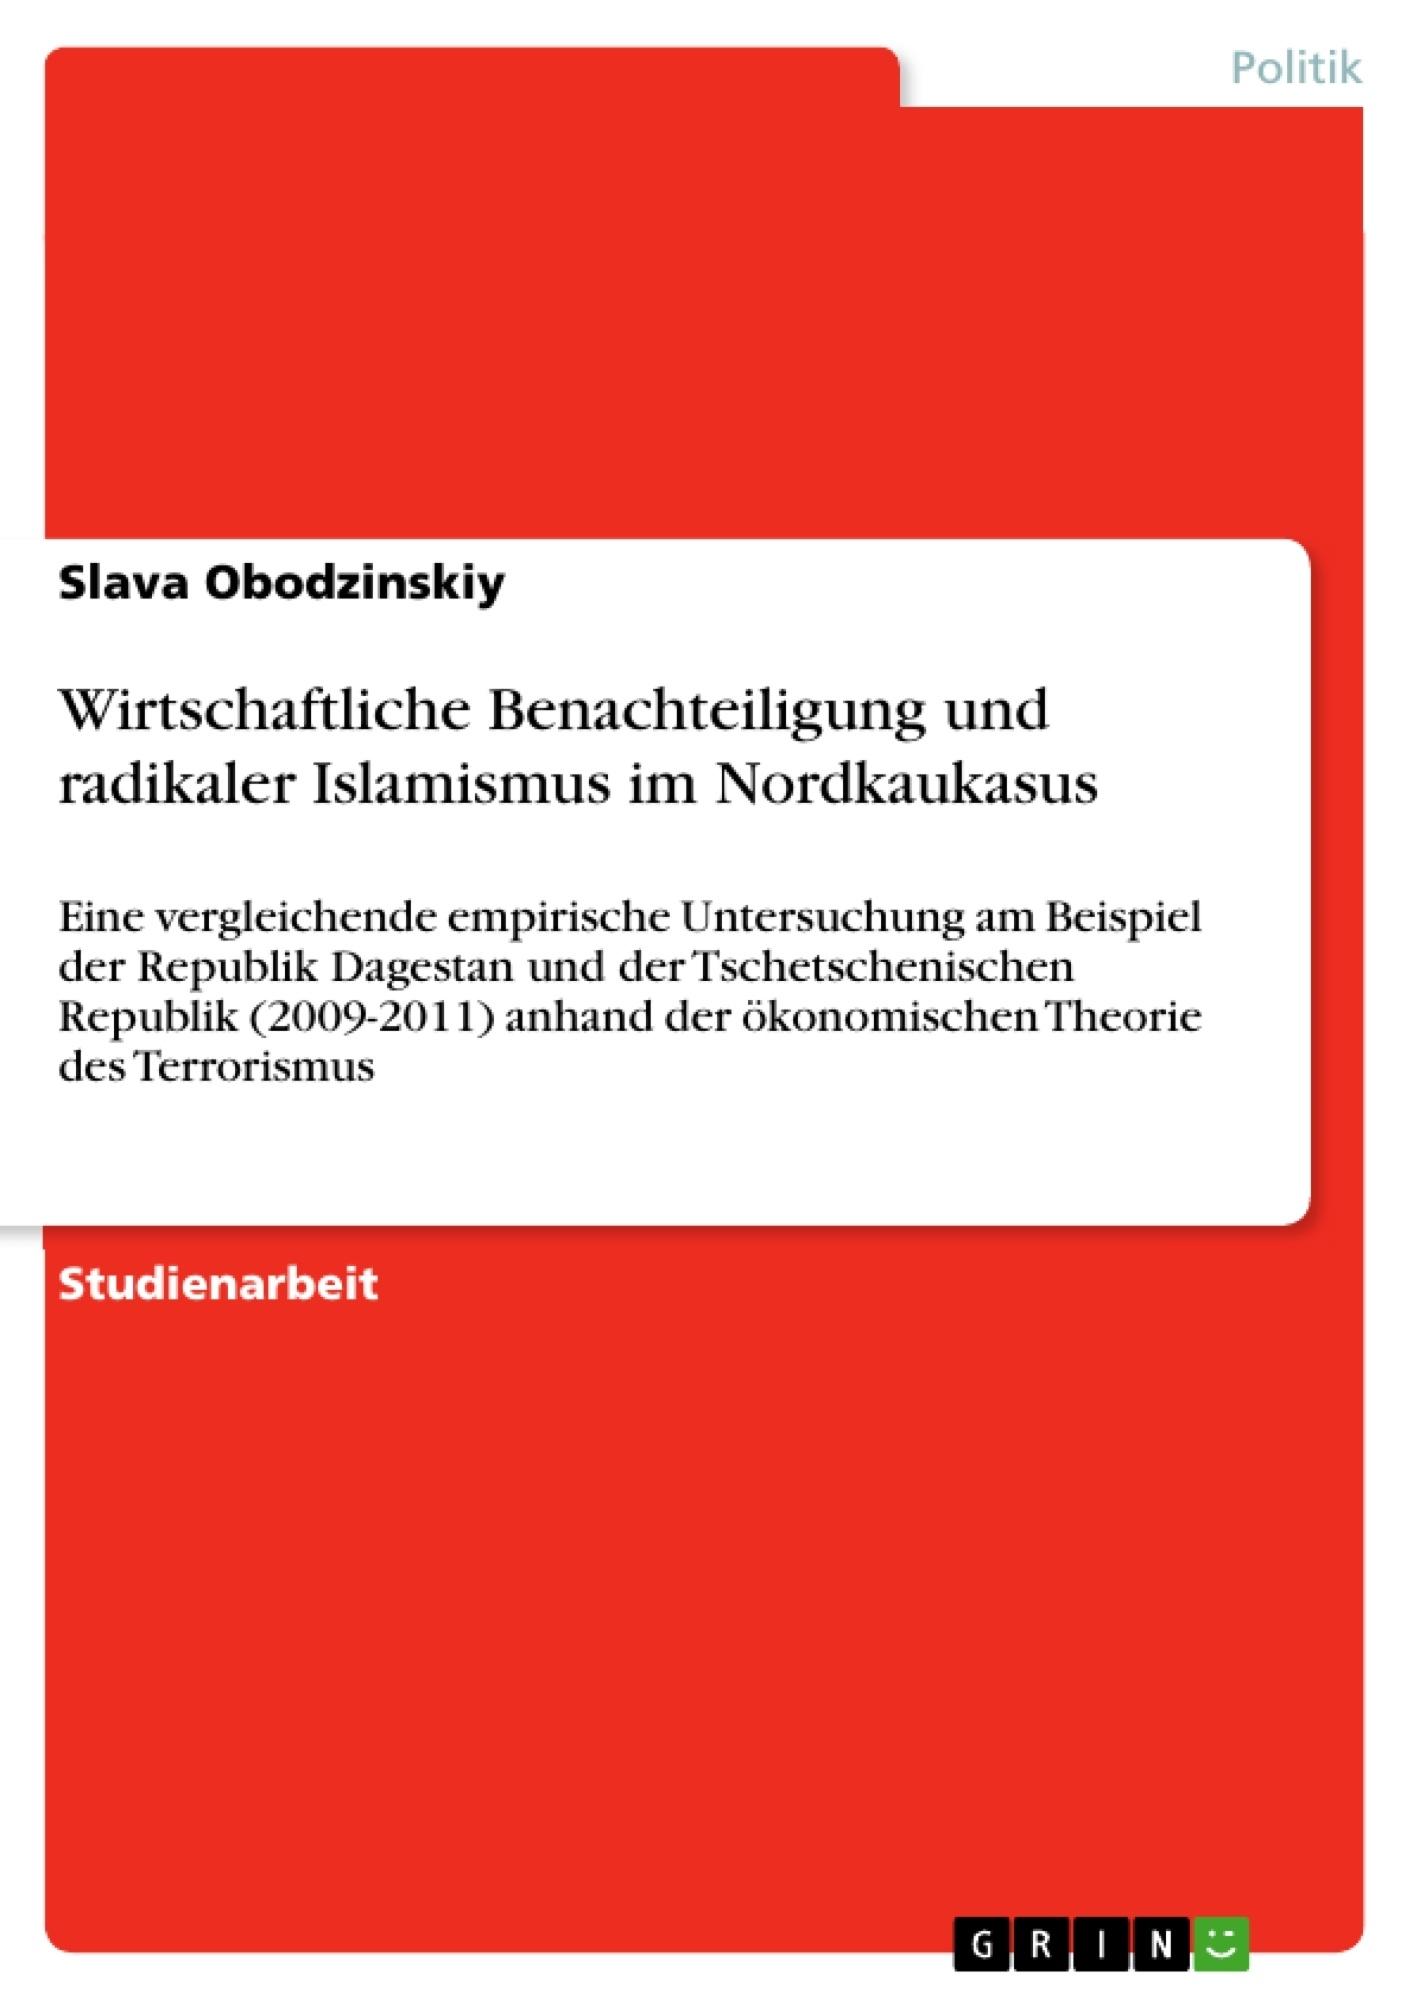 Titel: Wirtschaftliche Benachteiligung und radikaler Islamismus im Nordkaukasus